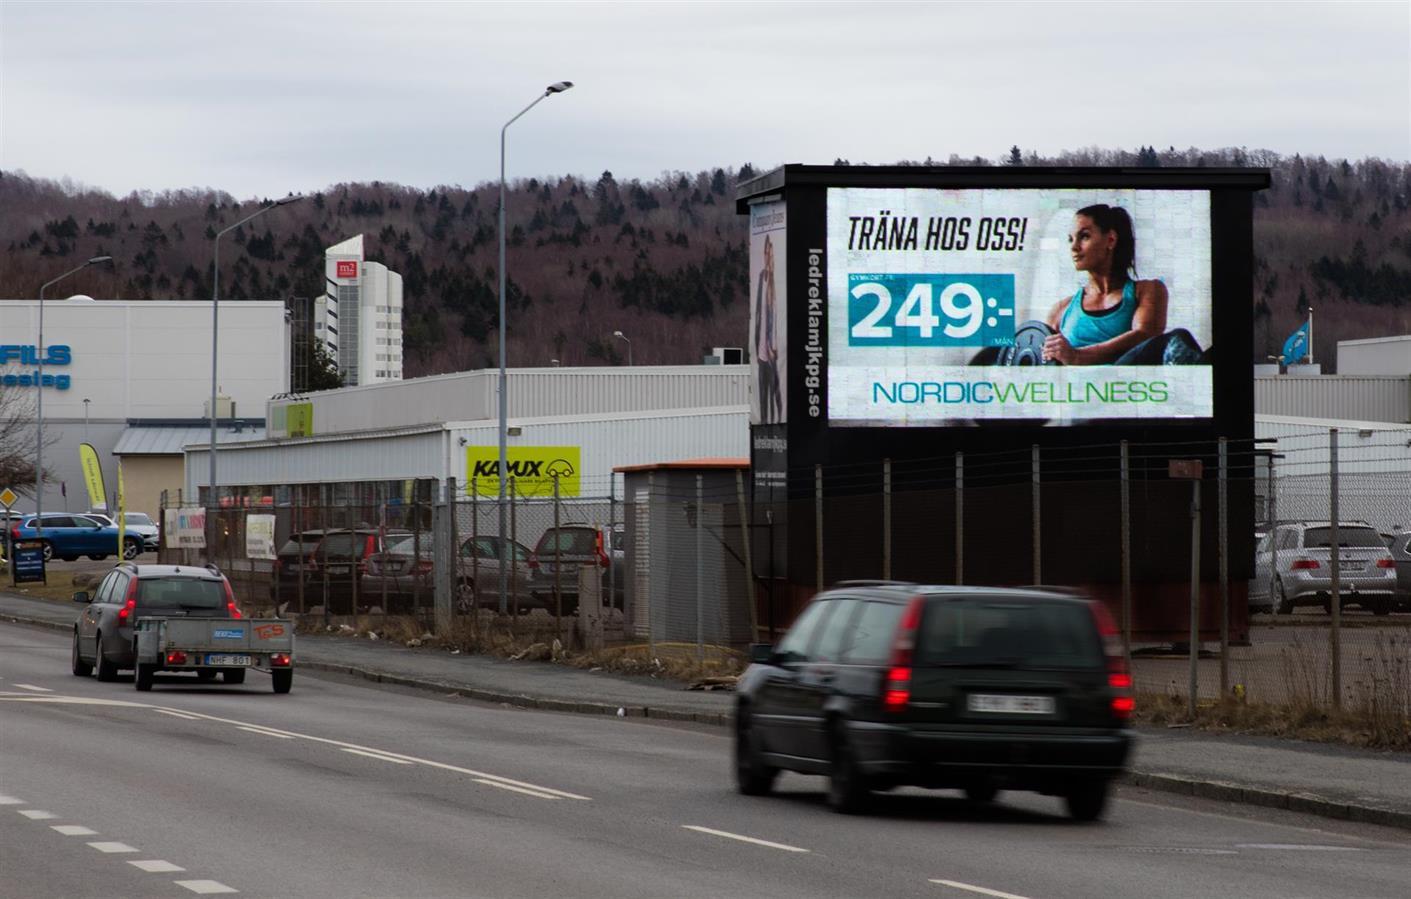 Bangårdsgatan - Nordic Wellness